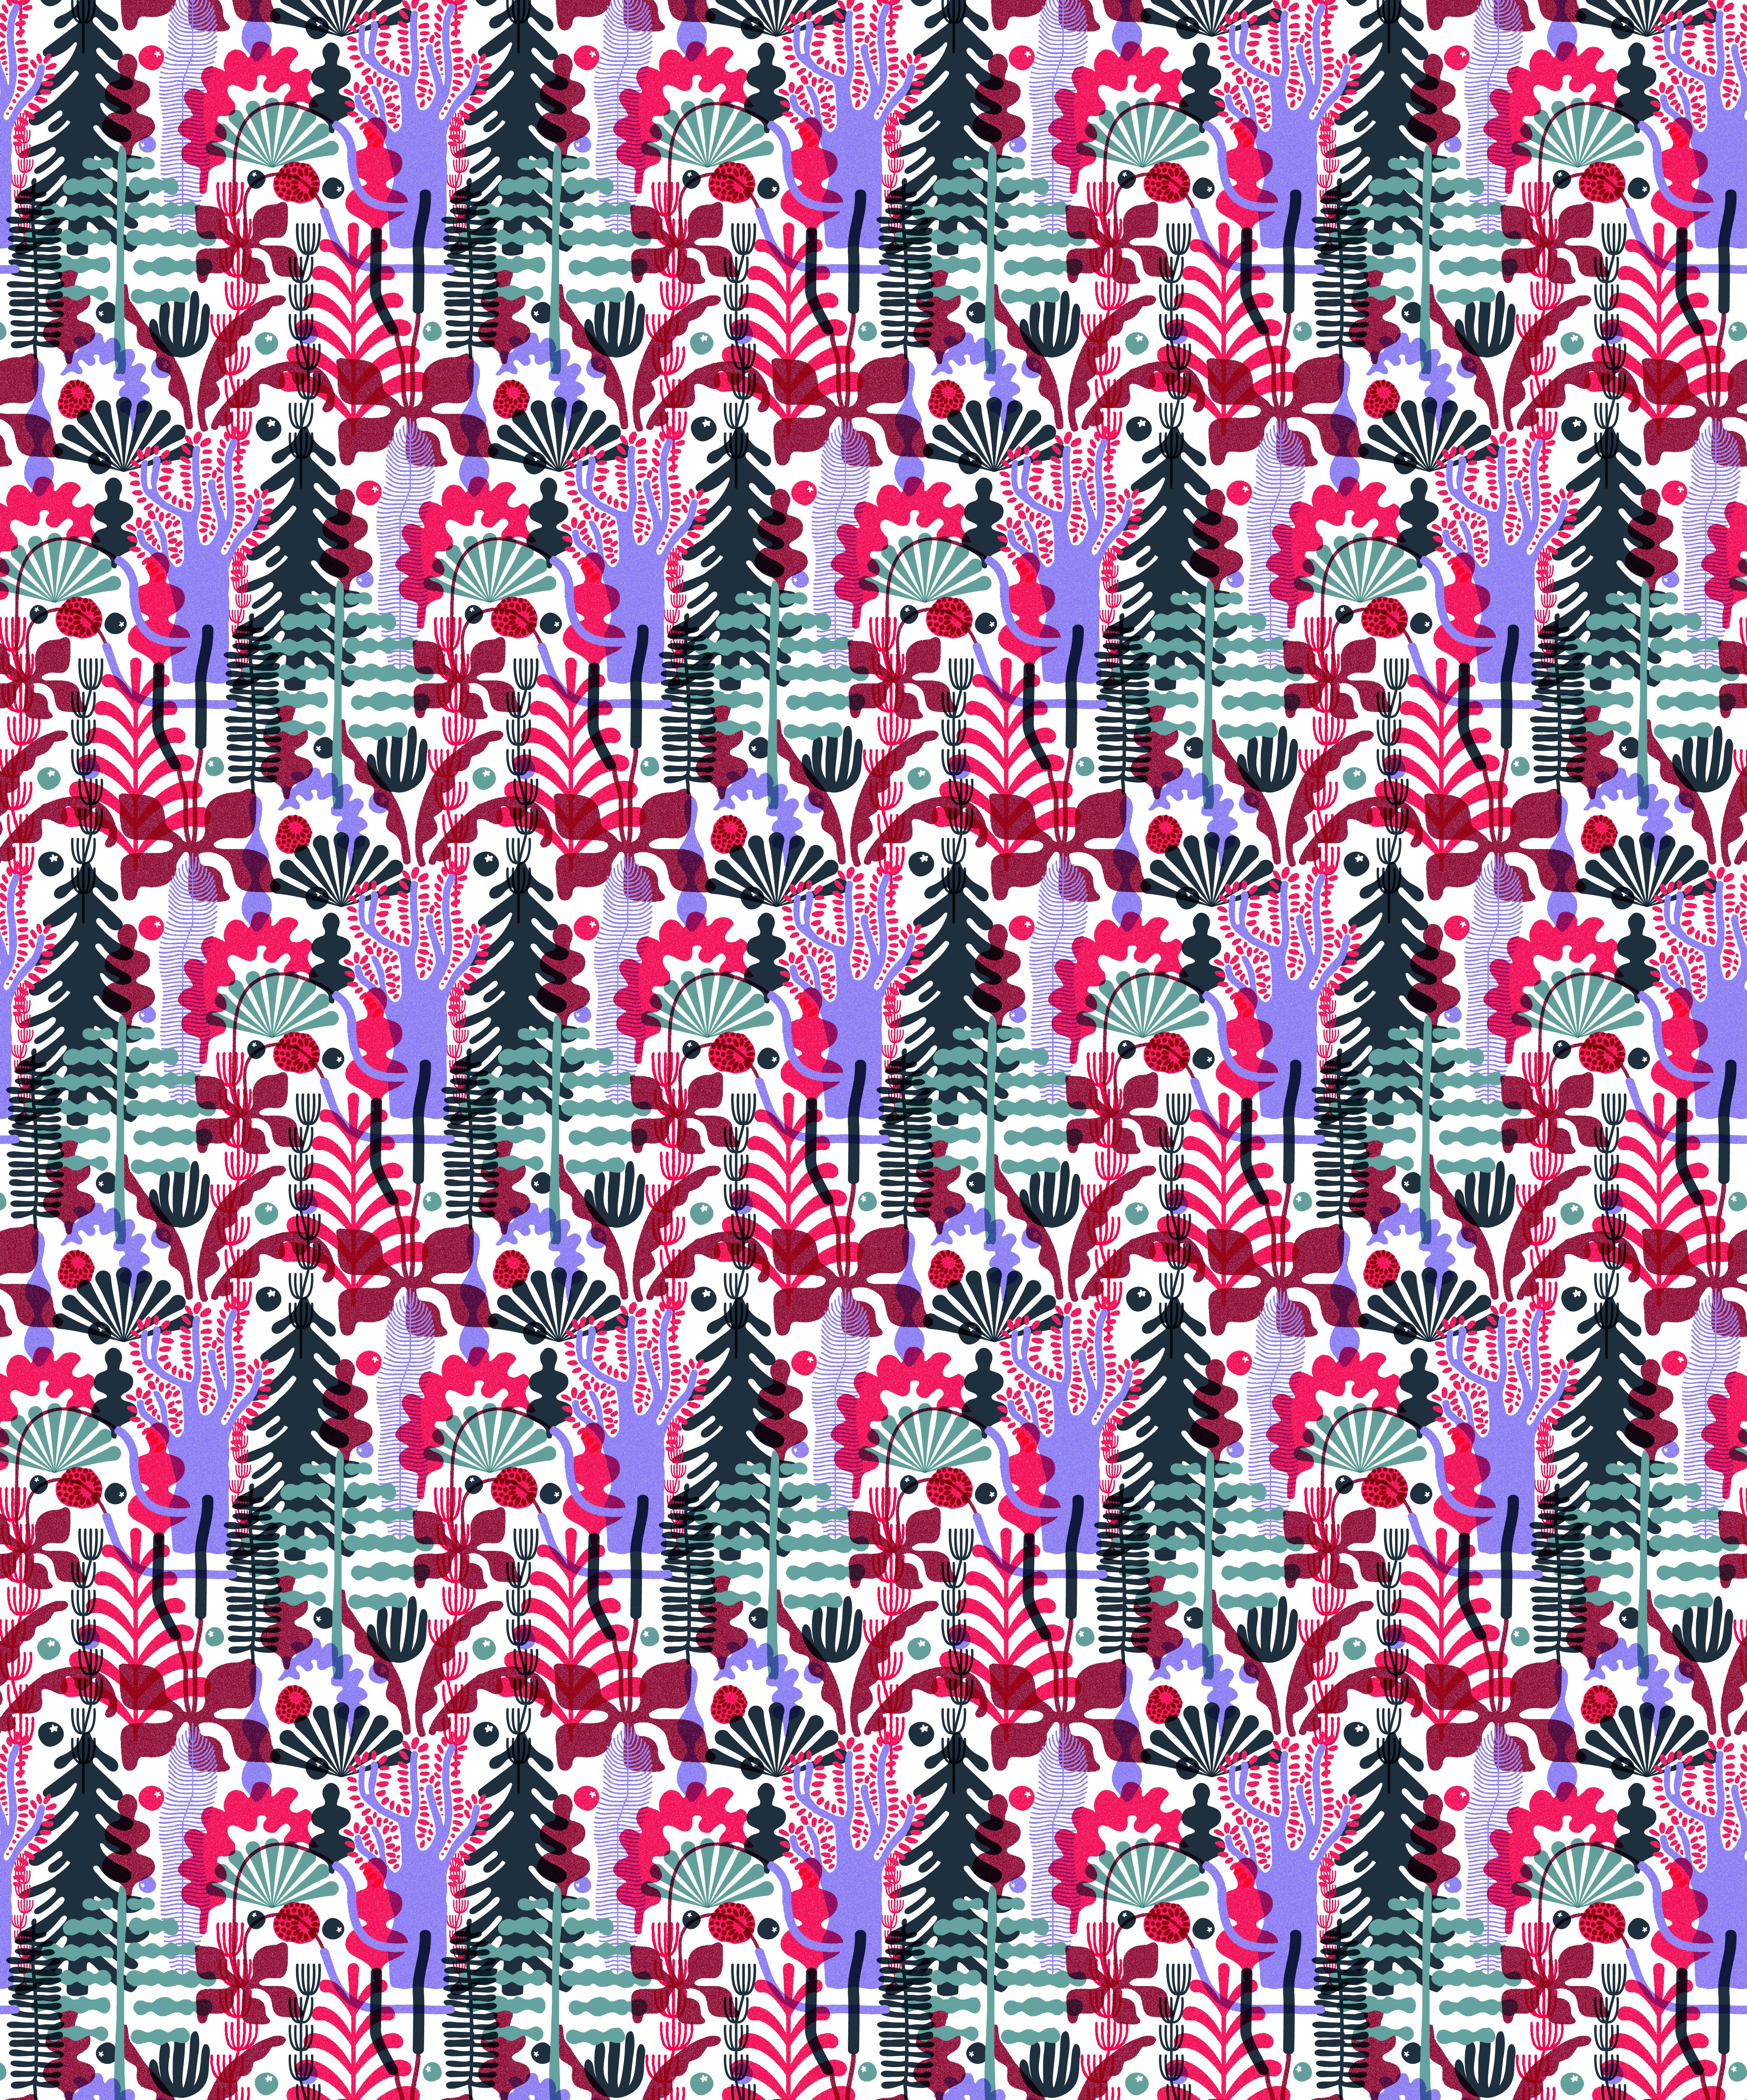 JuliaSchwarzIllustration-forrest-pattern-07